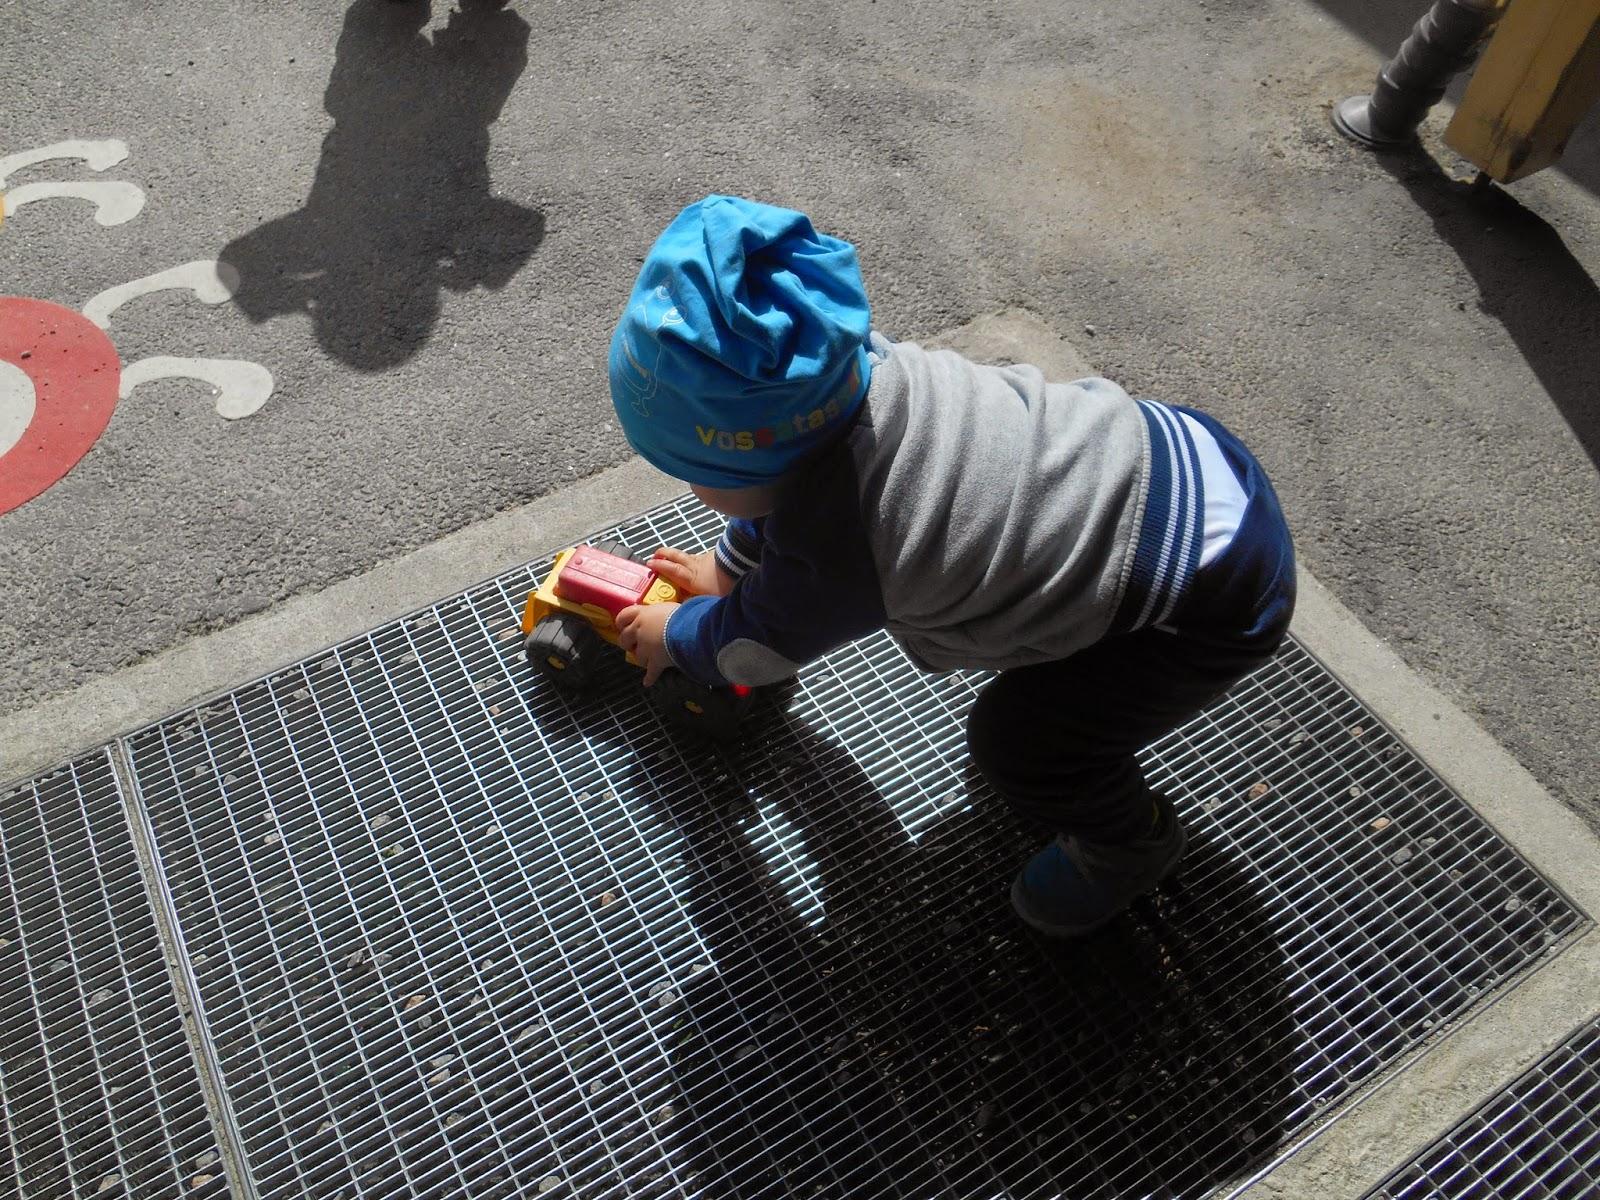 isen bøtte voksne leker for henne